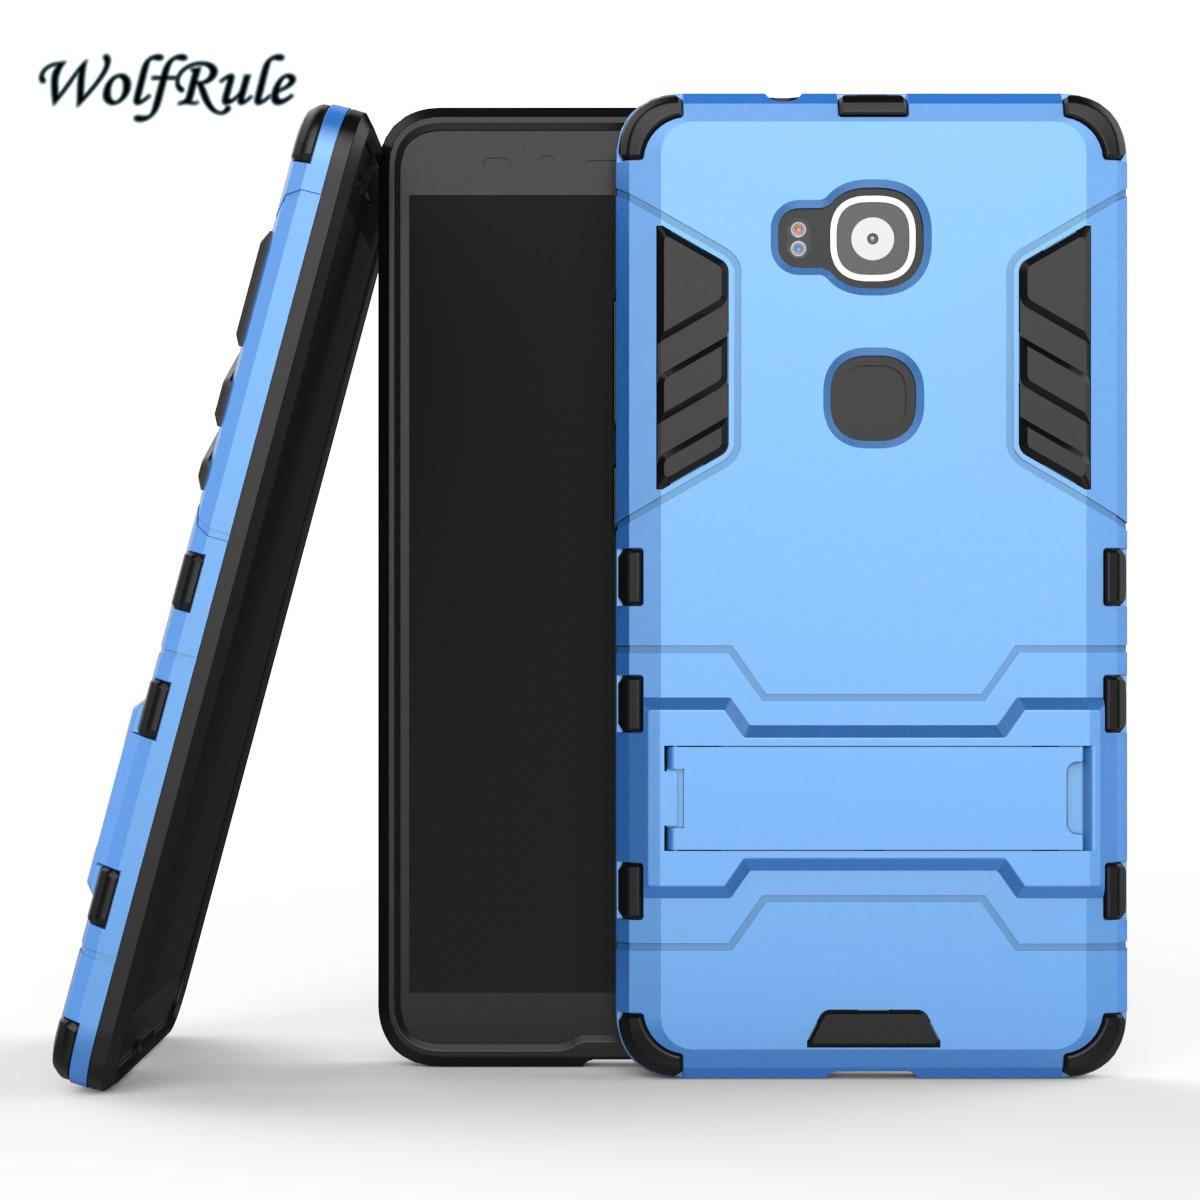 WolfRule Anti-knock Case Huawei G8 Cover Soft Rubber + Hybrid Plastic - Reservdelar och tillbehör för mobiltelefoner - Foto 2